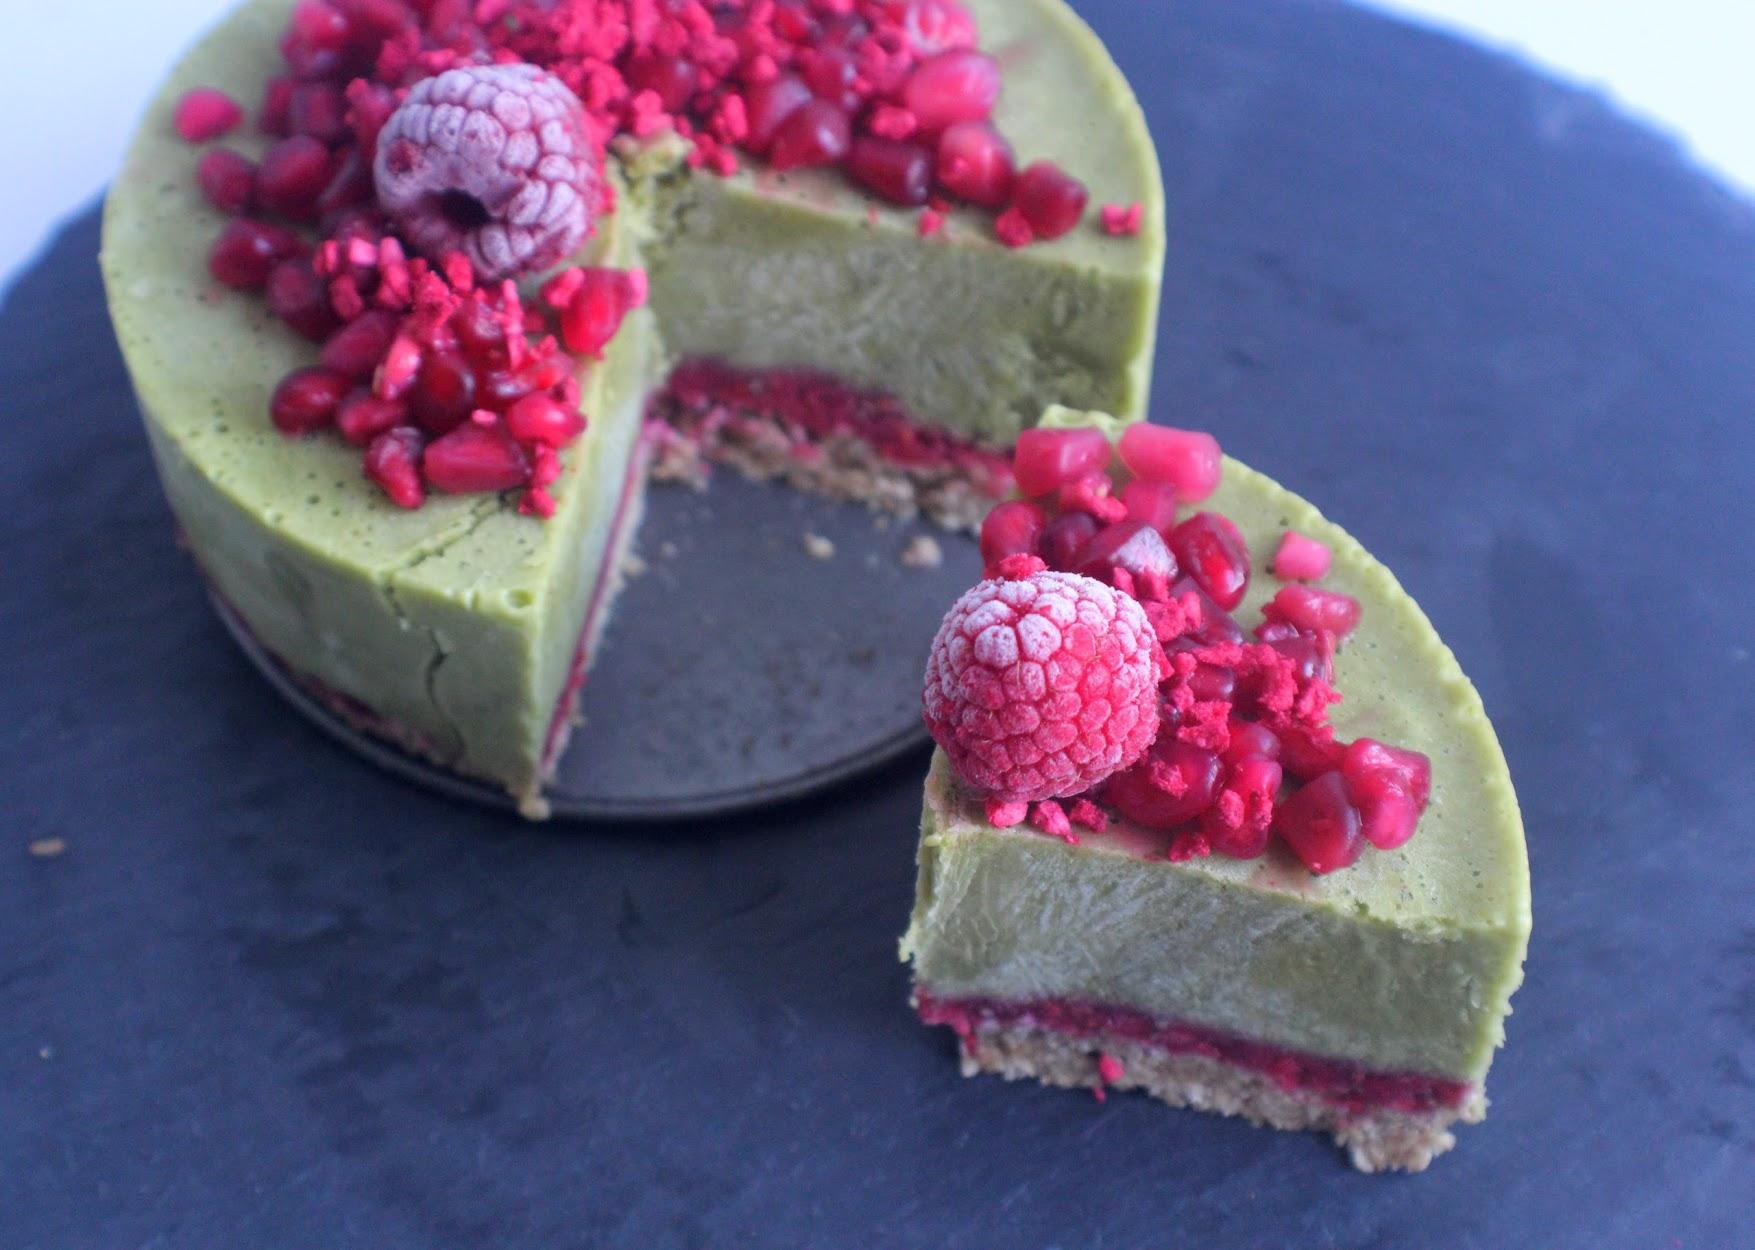 Фруктовый декор из замороженных ягод | хитрости фруктового декора и начинки | Блог | Торт на заказ от Натали